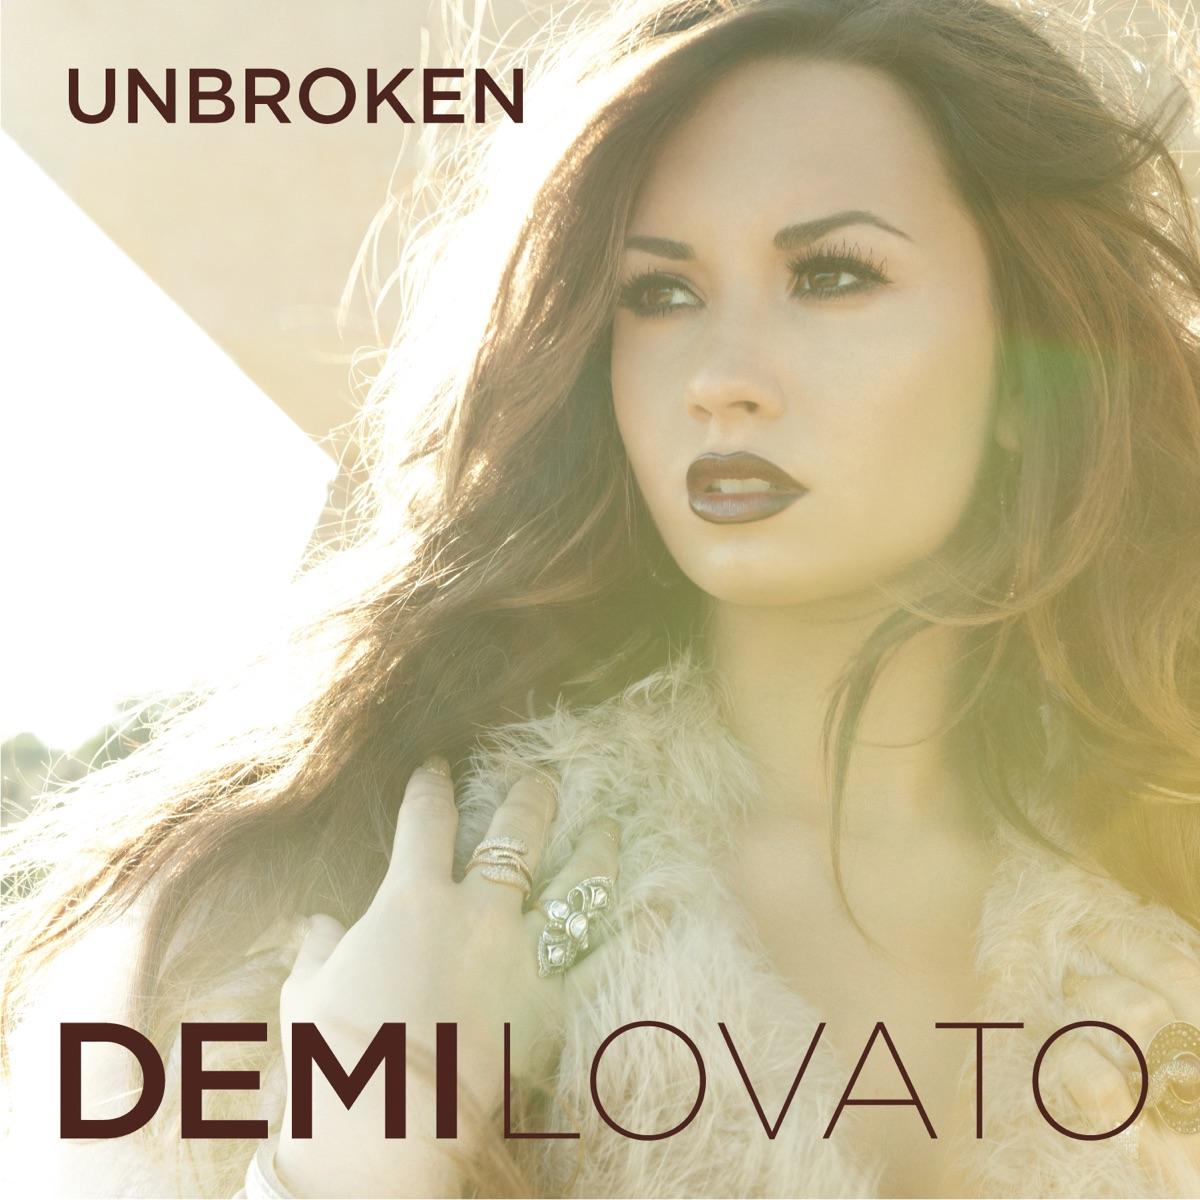 Unbroken Demi Lovato CD cover